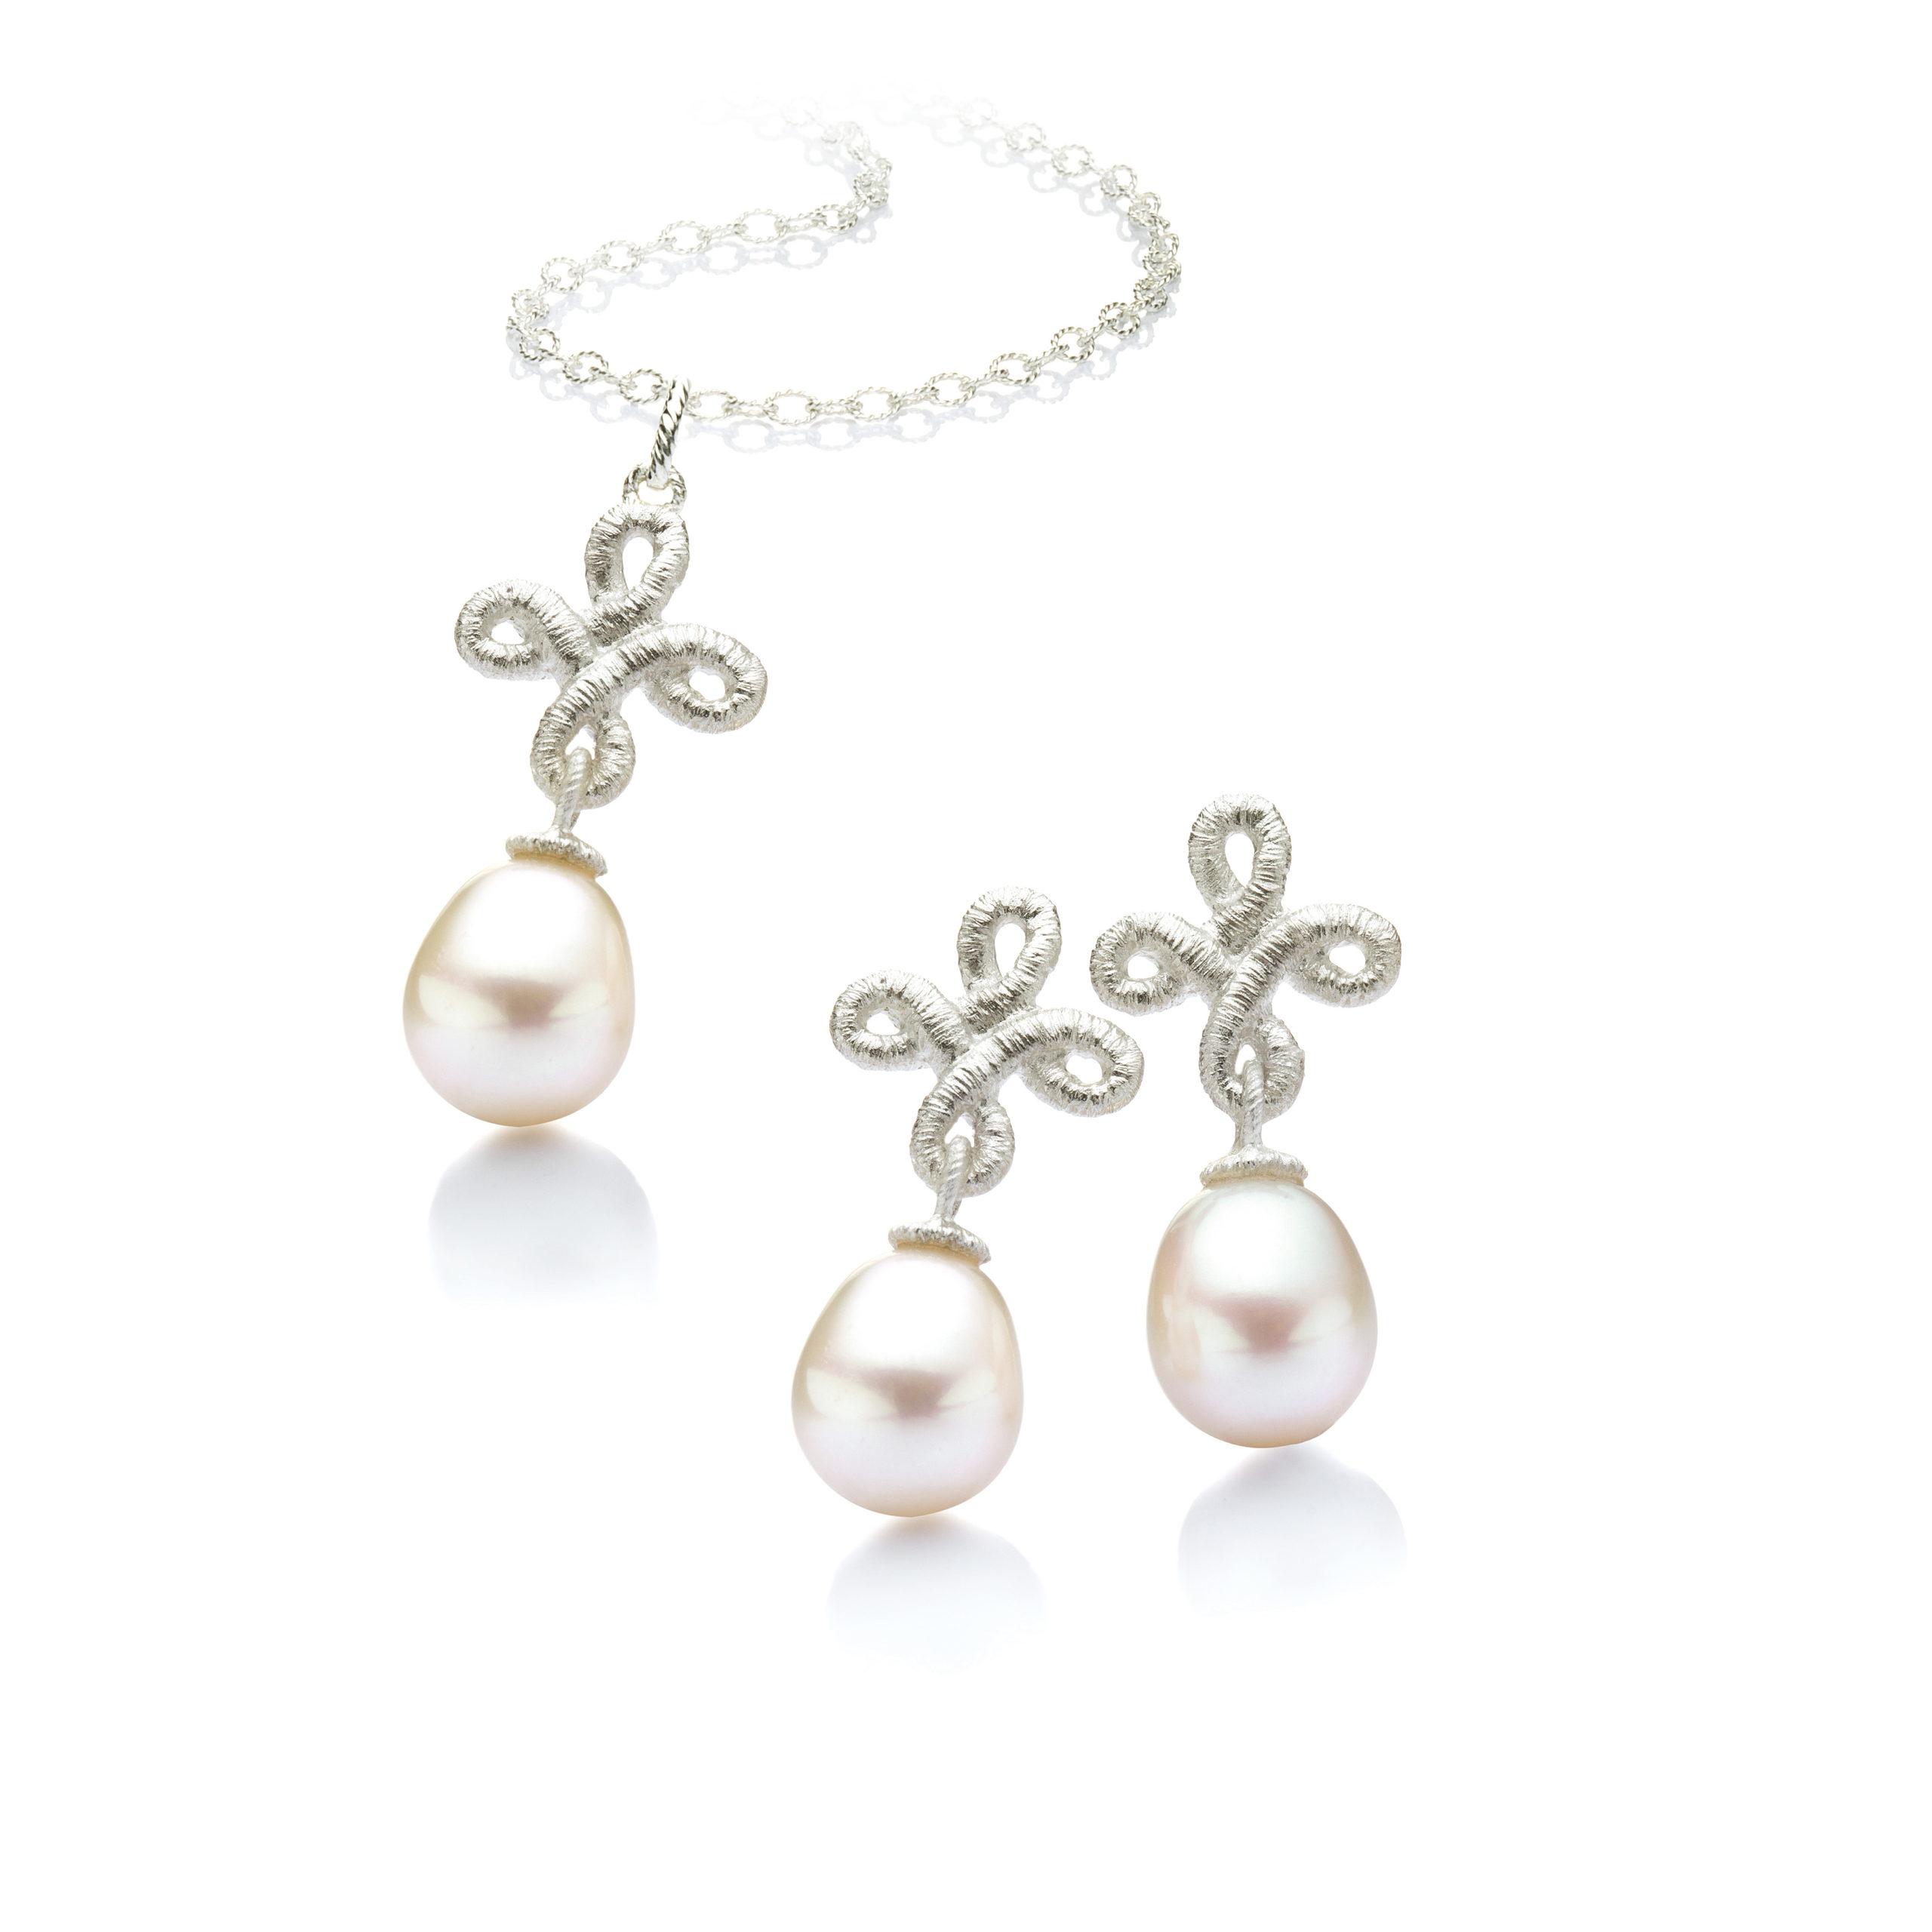 Brautschmuck perlen set  Nostalgisch schön » Brautschmuck mit Perle und Spitze in echtem Silber